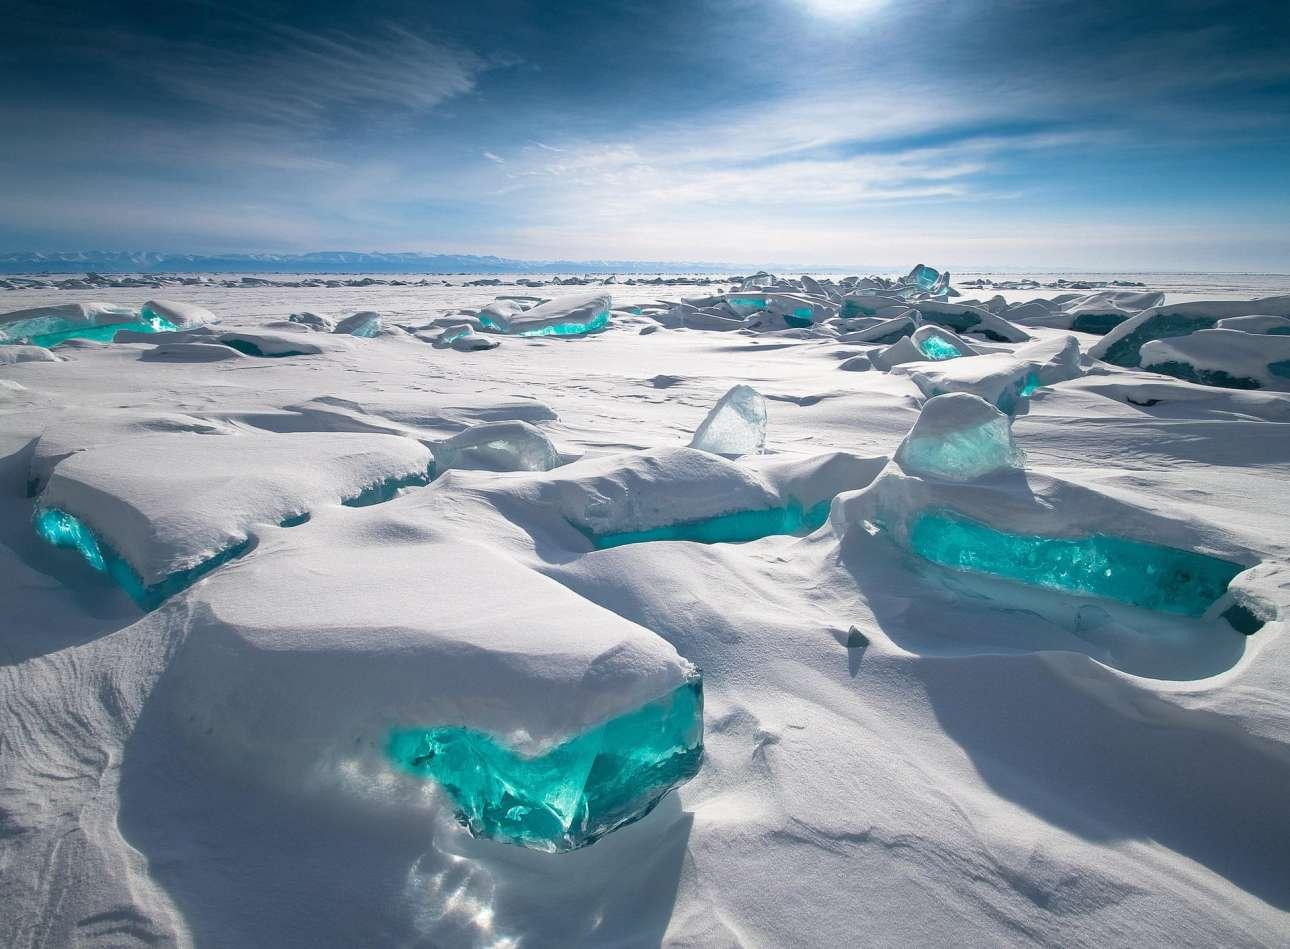 Χιονισμένοι λοφίσκοι και πάγοι που φωτίζονται από τον μεσημεριανό ήλιο... Το Βραβείο Κοινού απονεμήθηκε στην παραπάνω εκπληκτική φωτογραφία από τη λίμνη Βαϊκάλη στη Σιβηρία